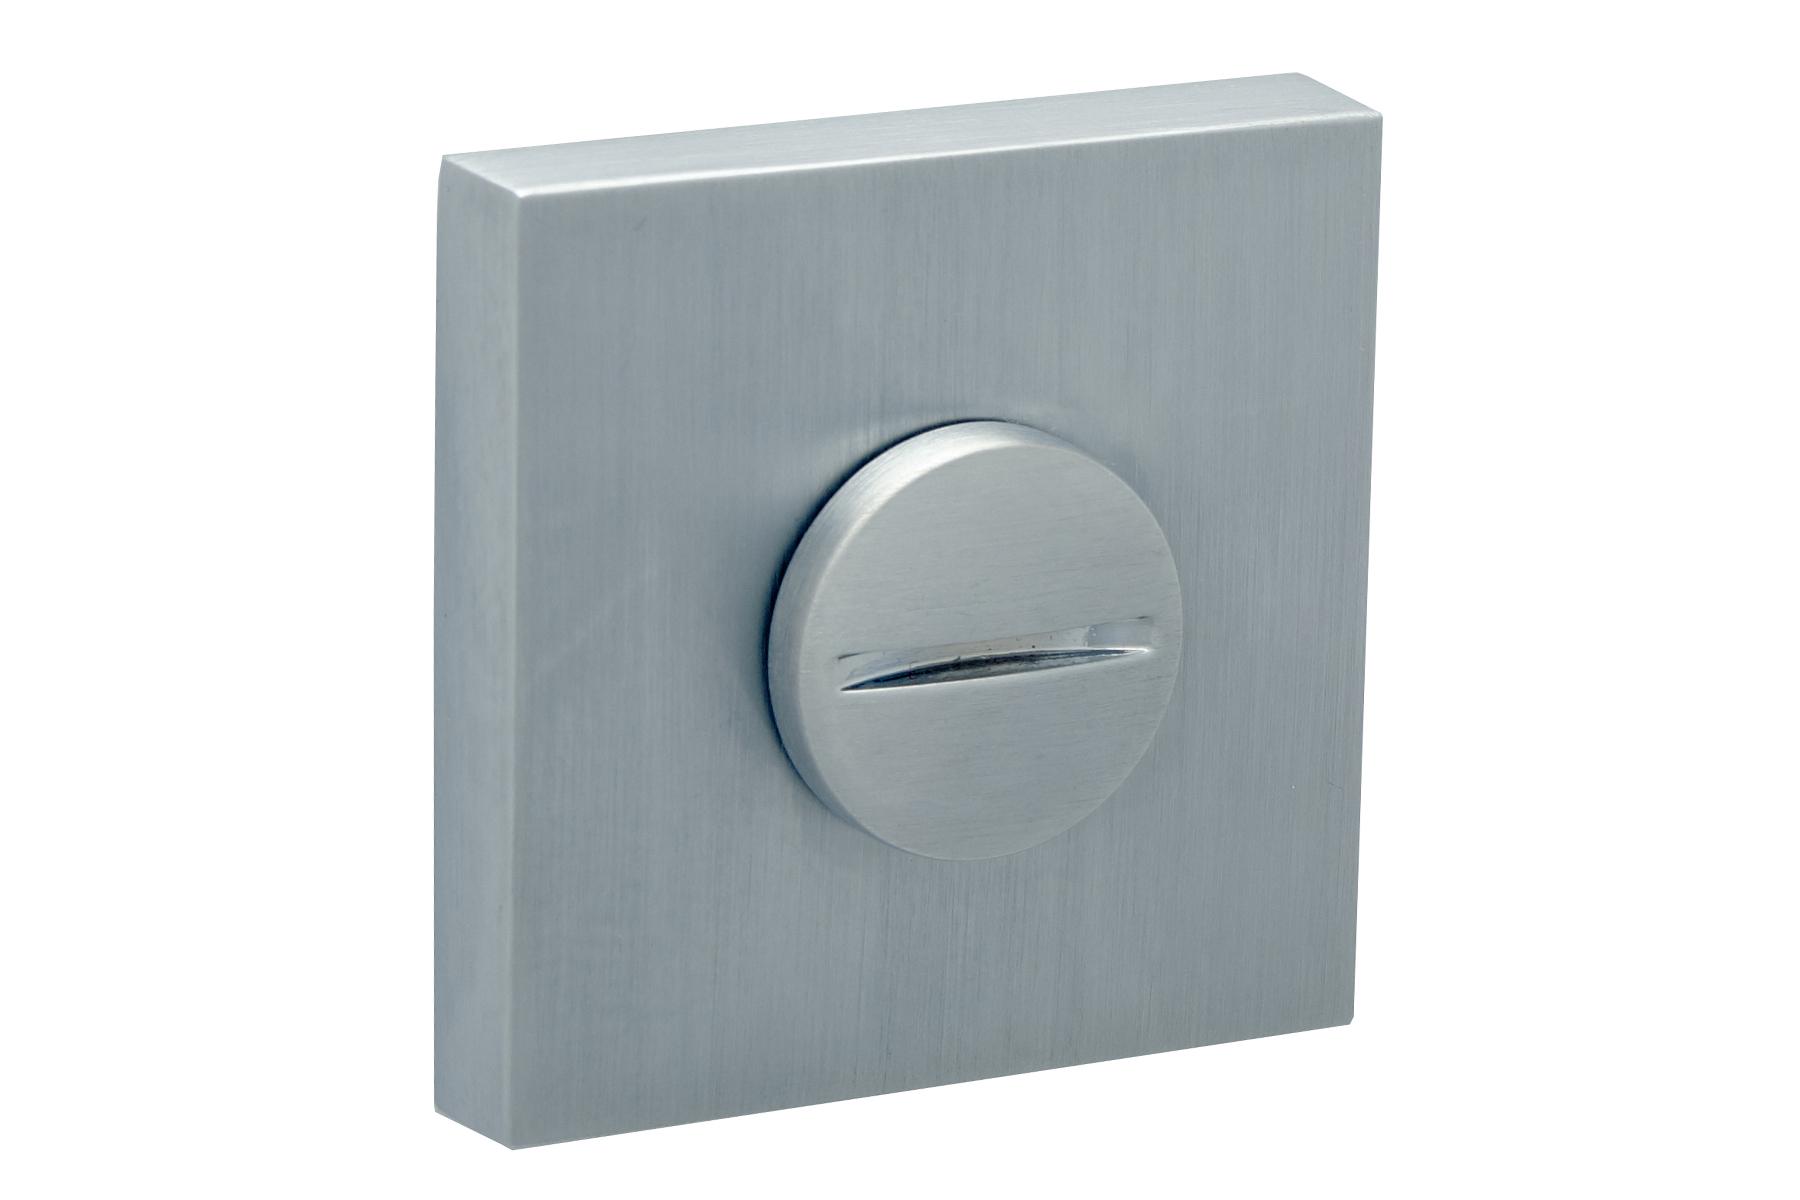 Safita WC R64 SC Поворотники дверные